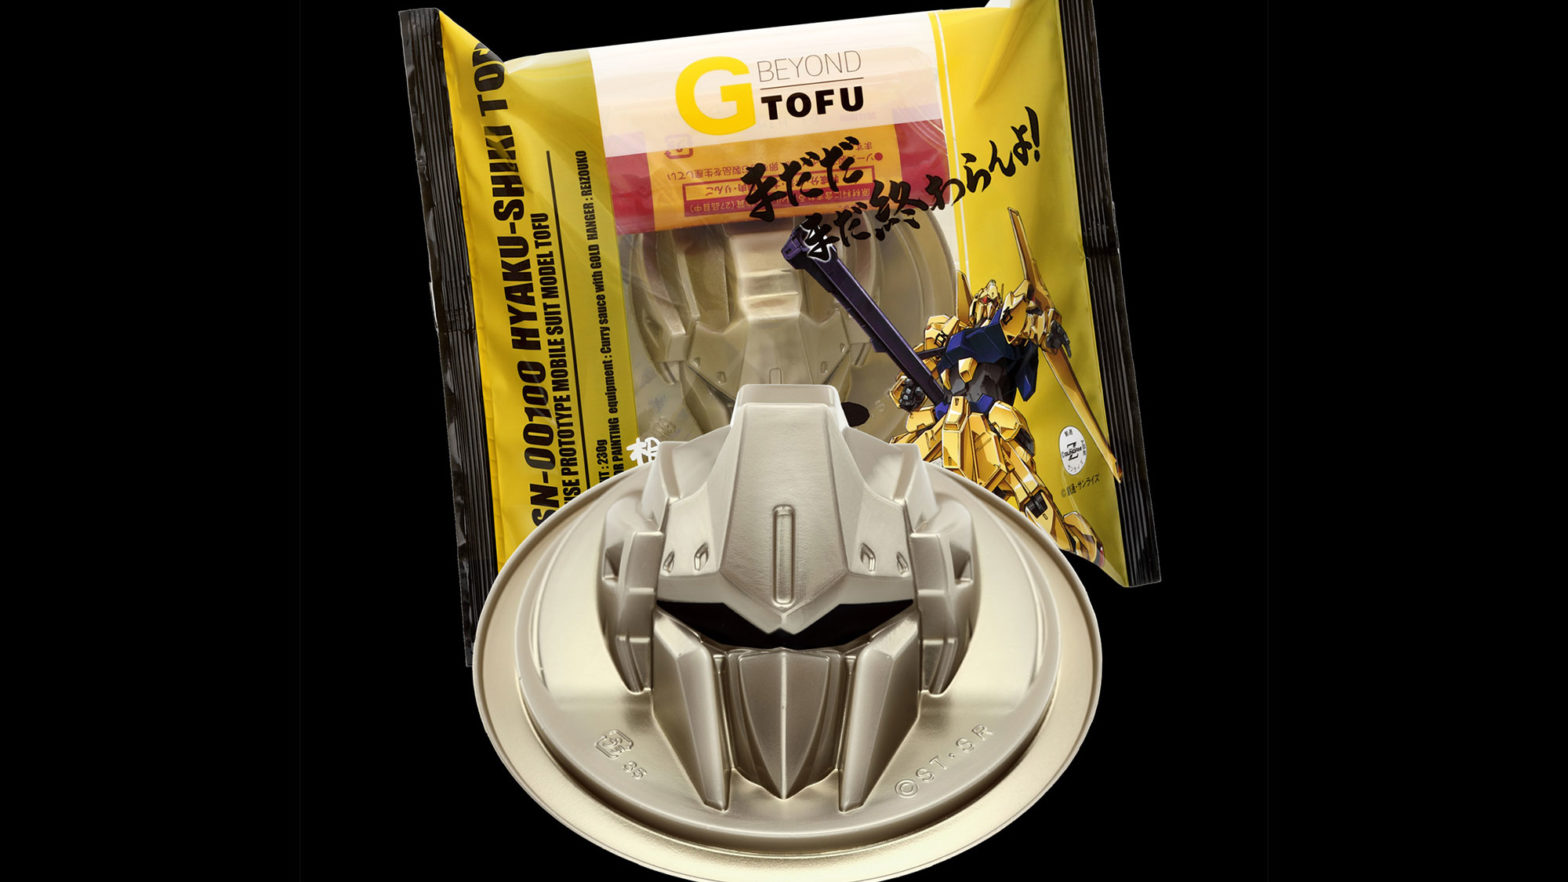 Gundam Hyaku Shiki Tofu